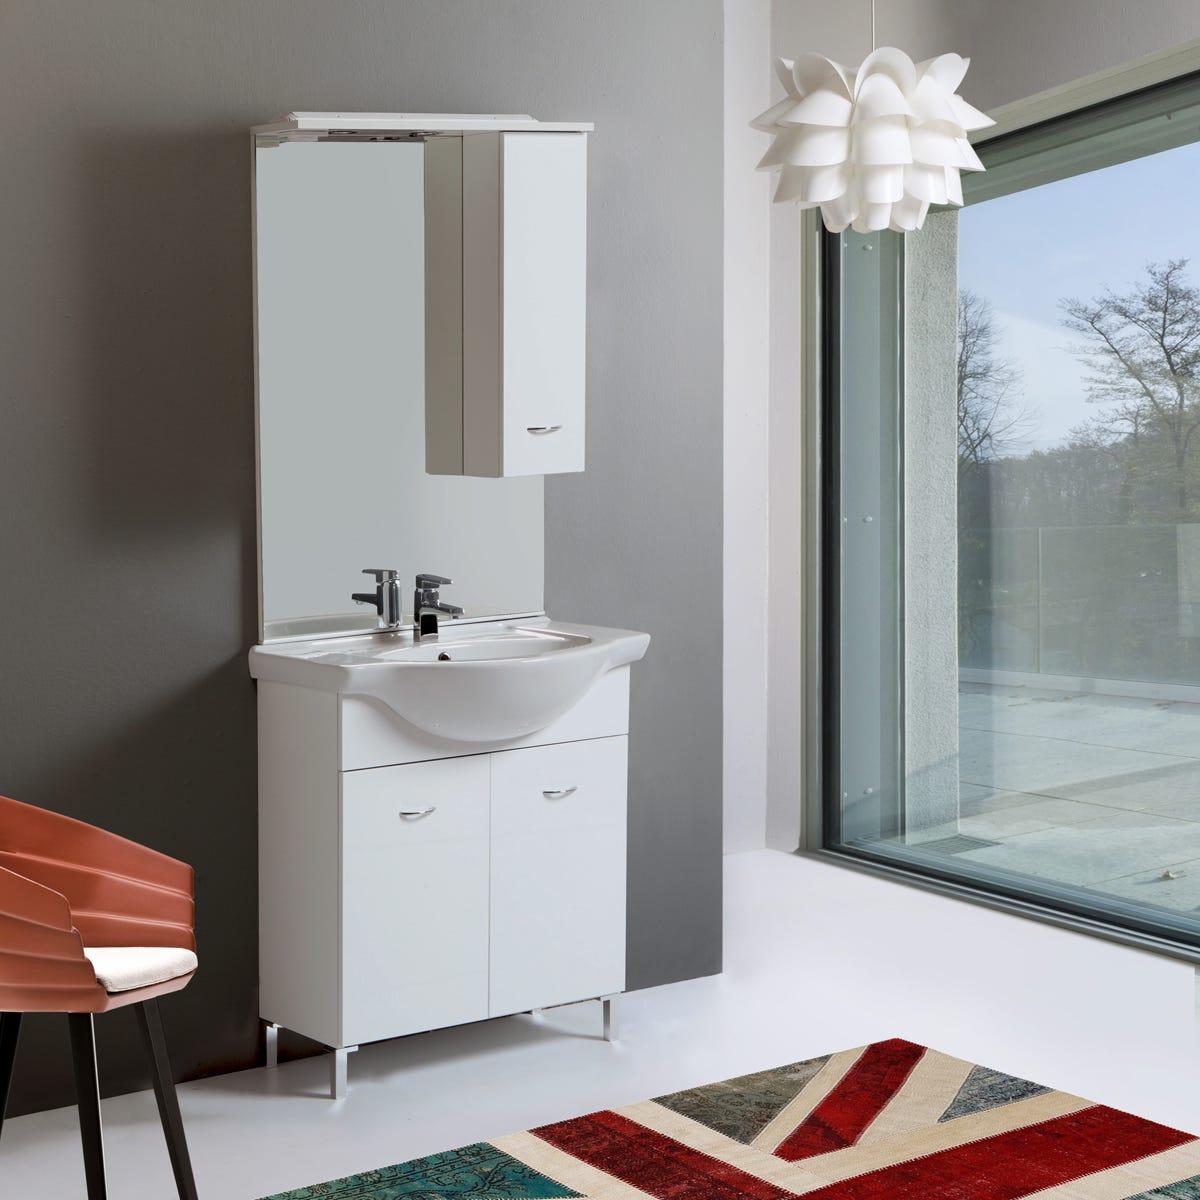 Mobile mobiletto arredo bagno da 75 cm 2 ante specchio - Mobiletto bagno da appendere ...